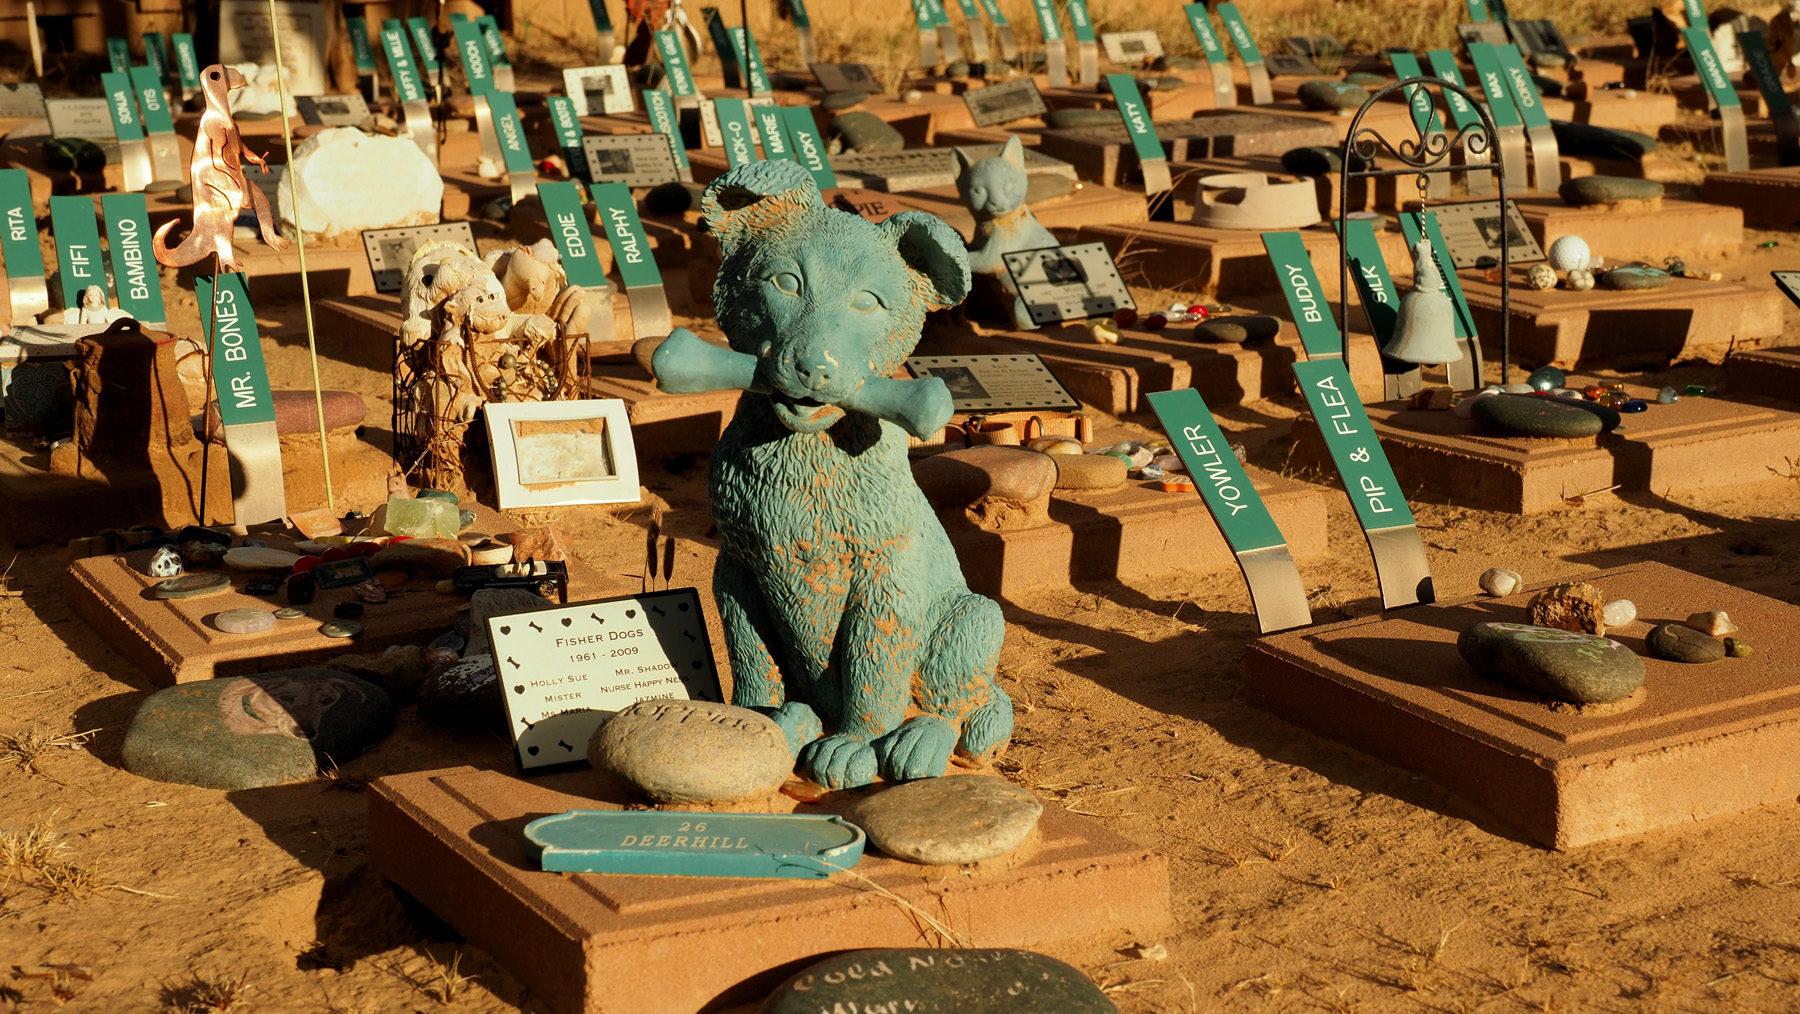 Angels Rest – riesiger Haustierfriedhof in einem Canyon, teils kitschig, teils berührend